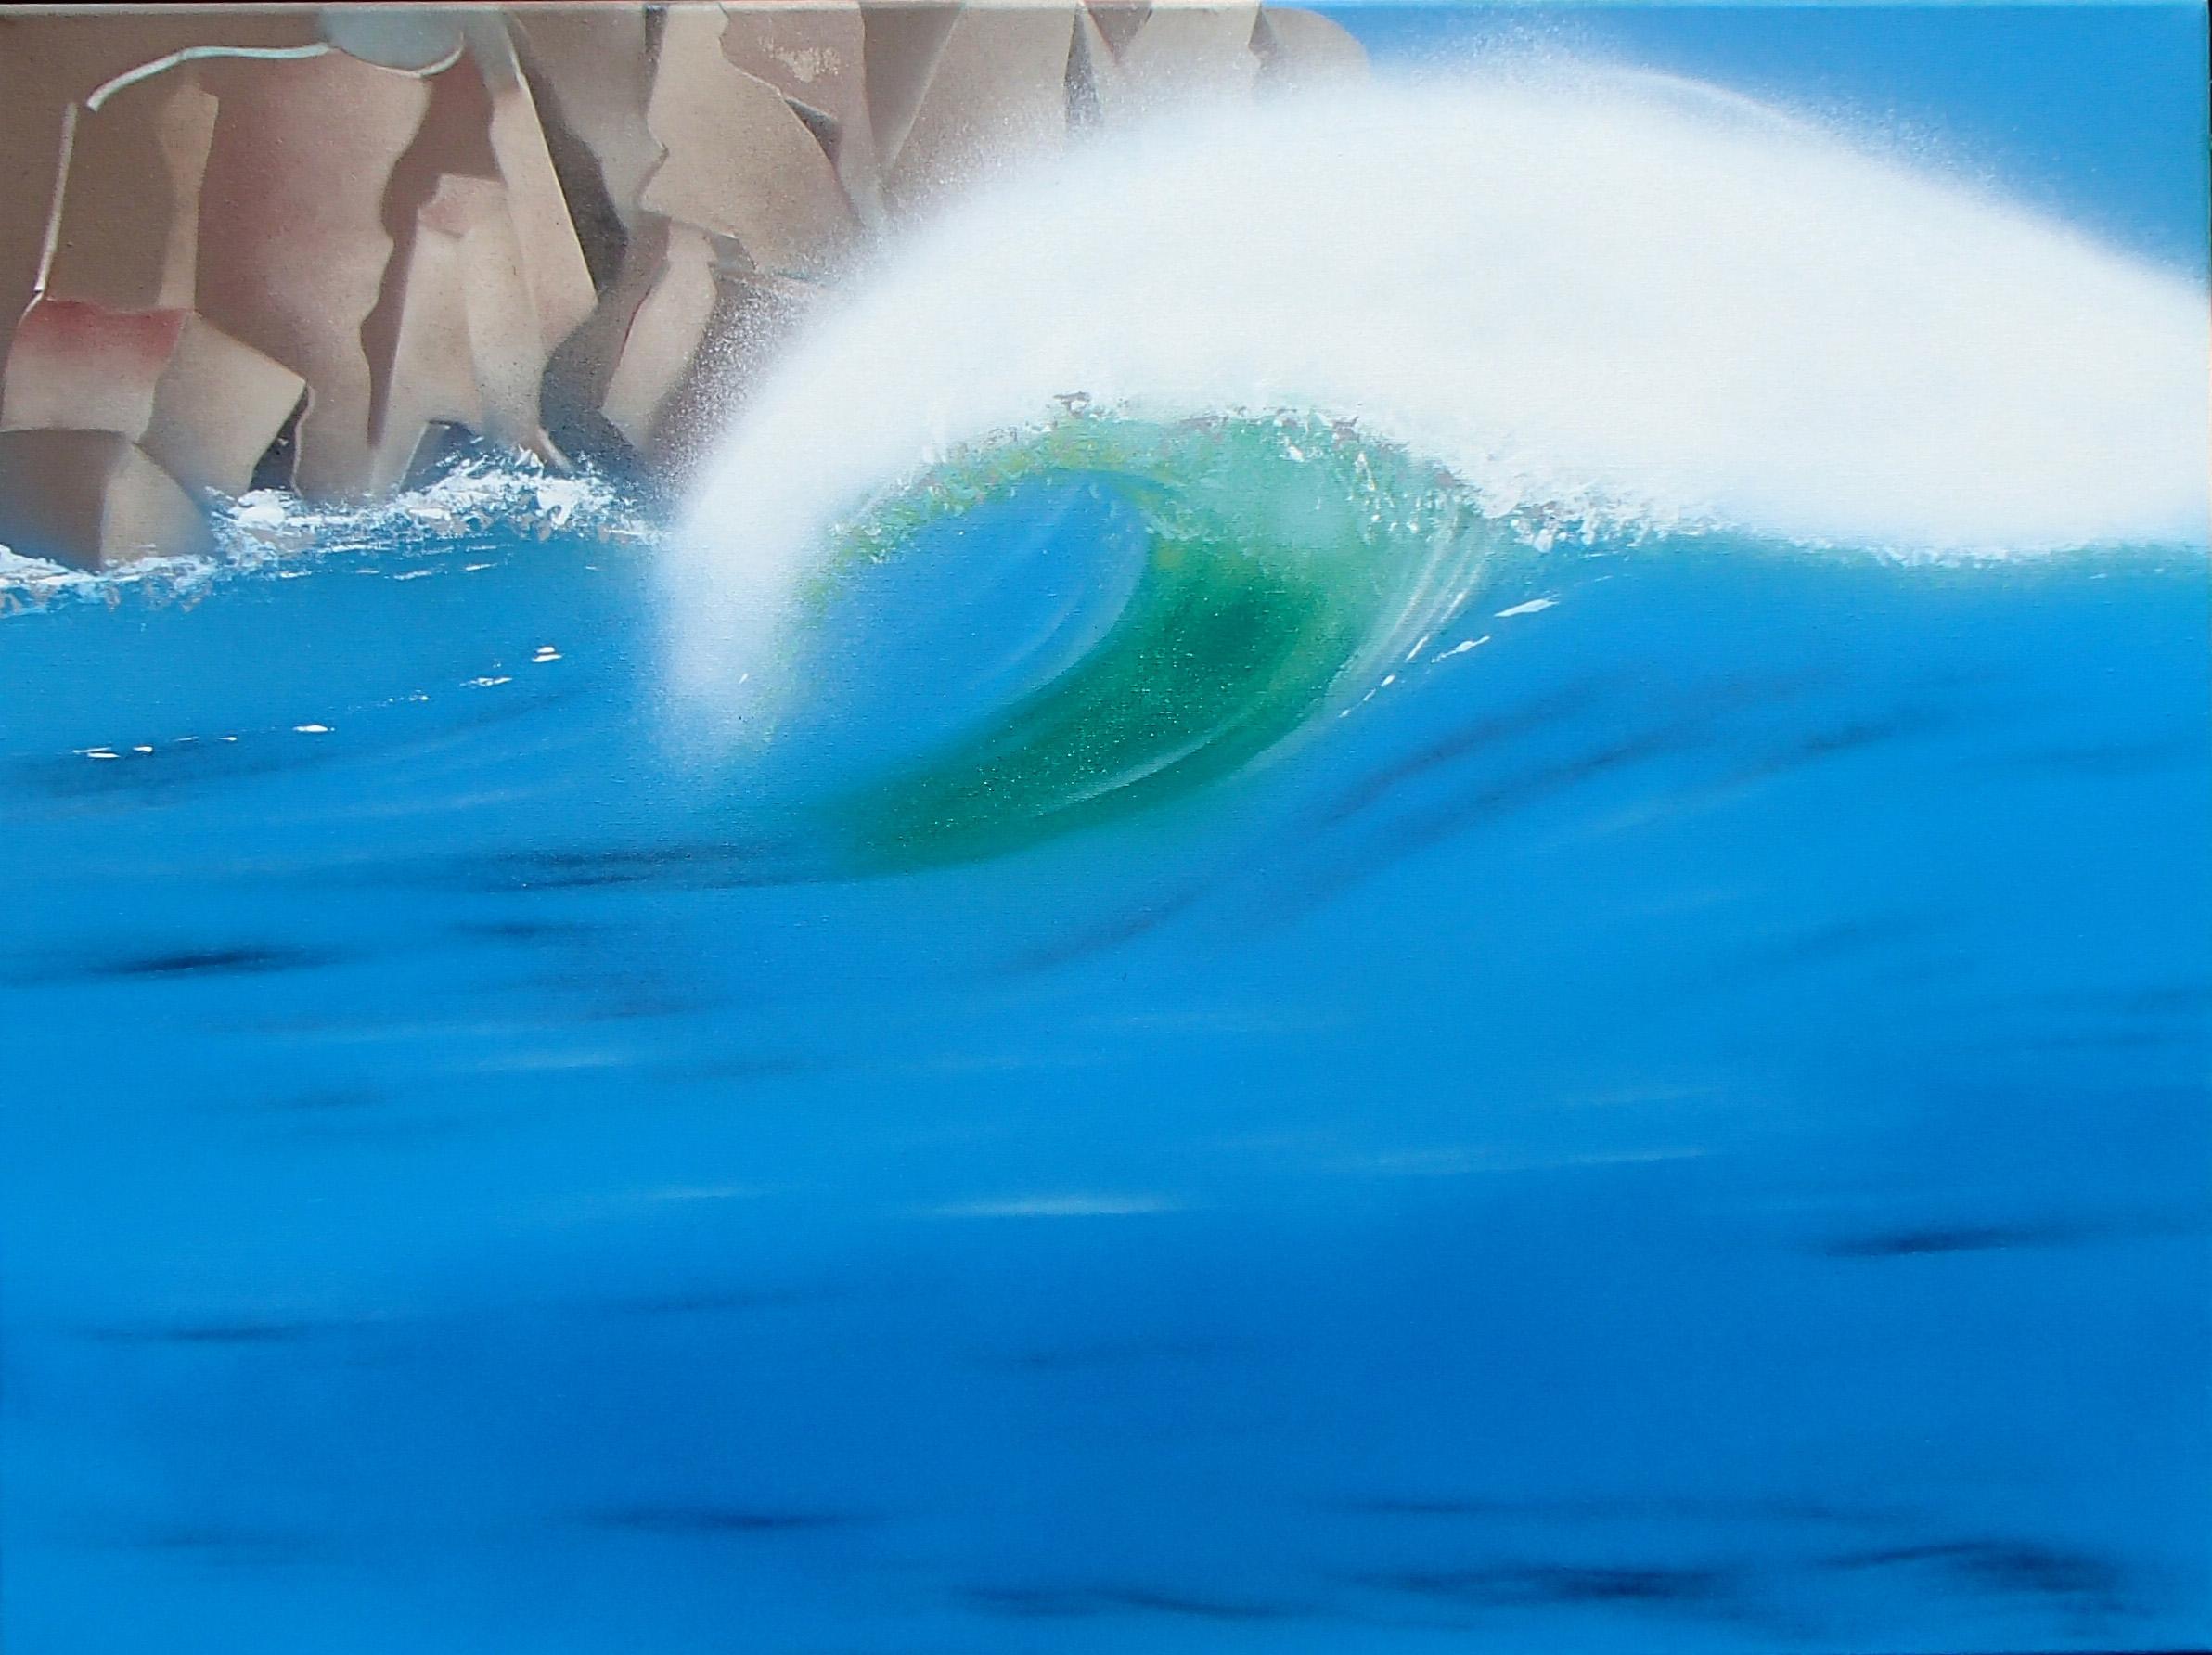 Available - Sea Spray £395. 80 x 60 x 4 cm, Unframed